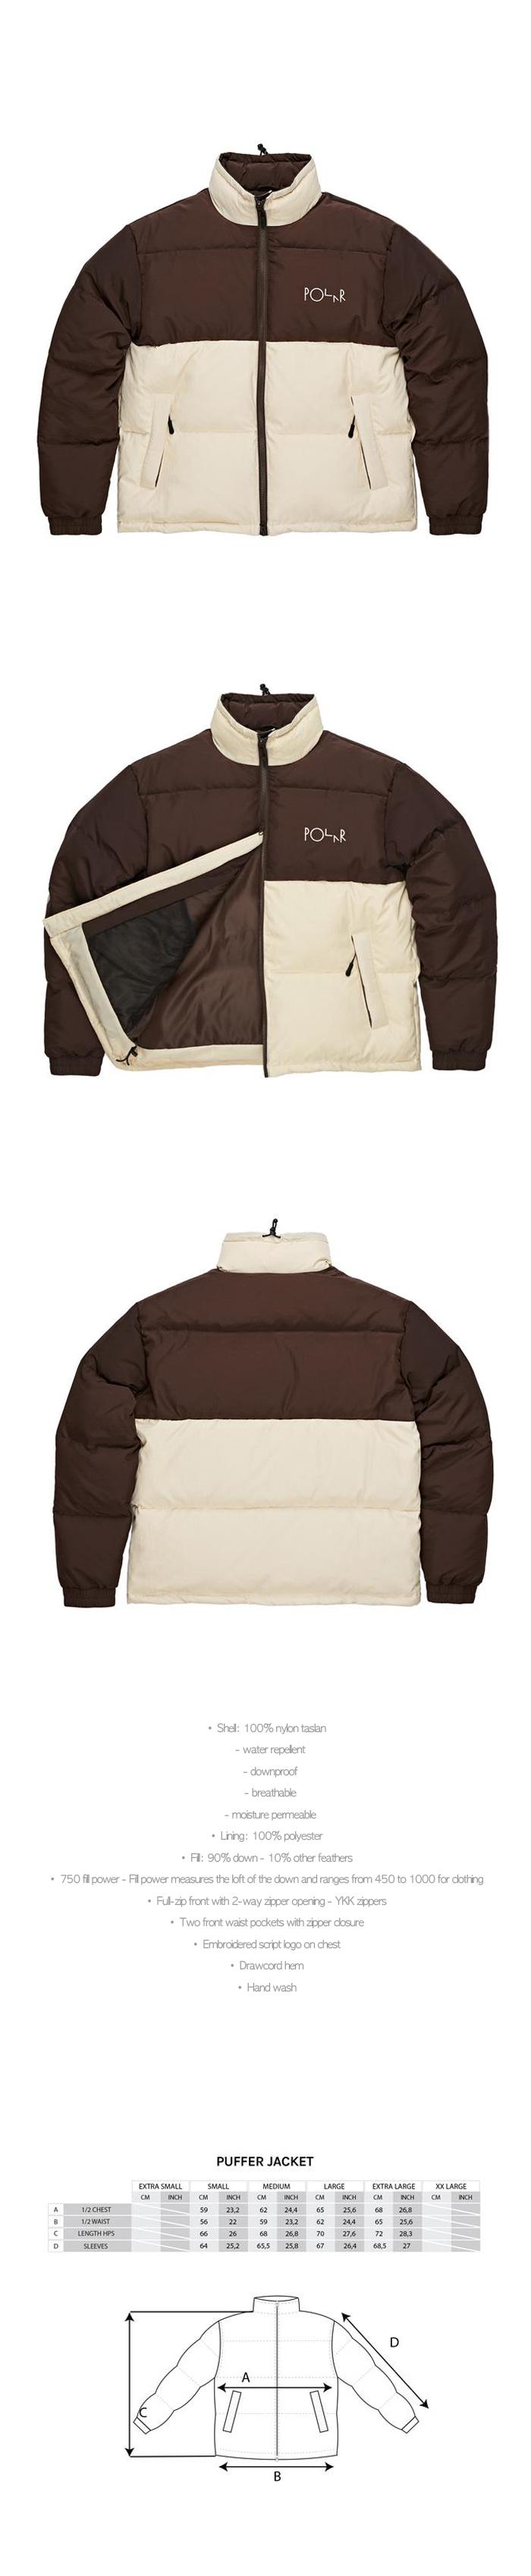 폴라(POLAR) Combo Puffer - Brown/Cream